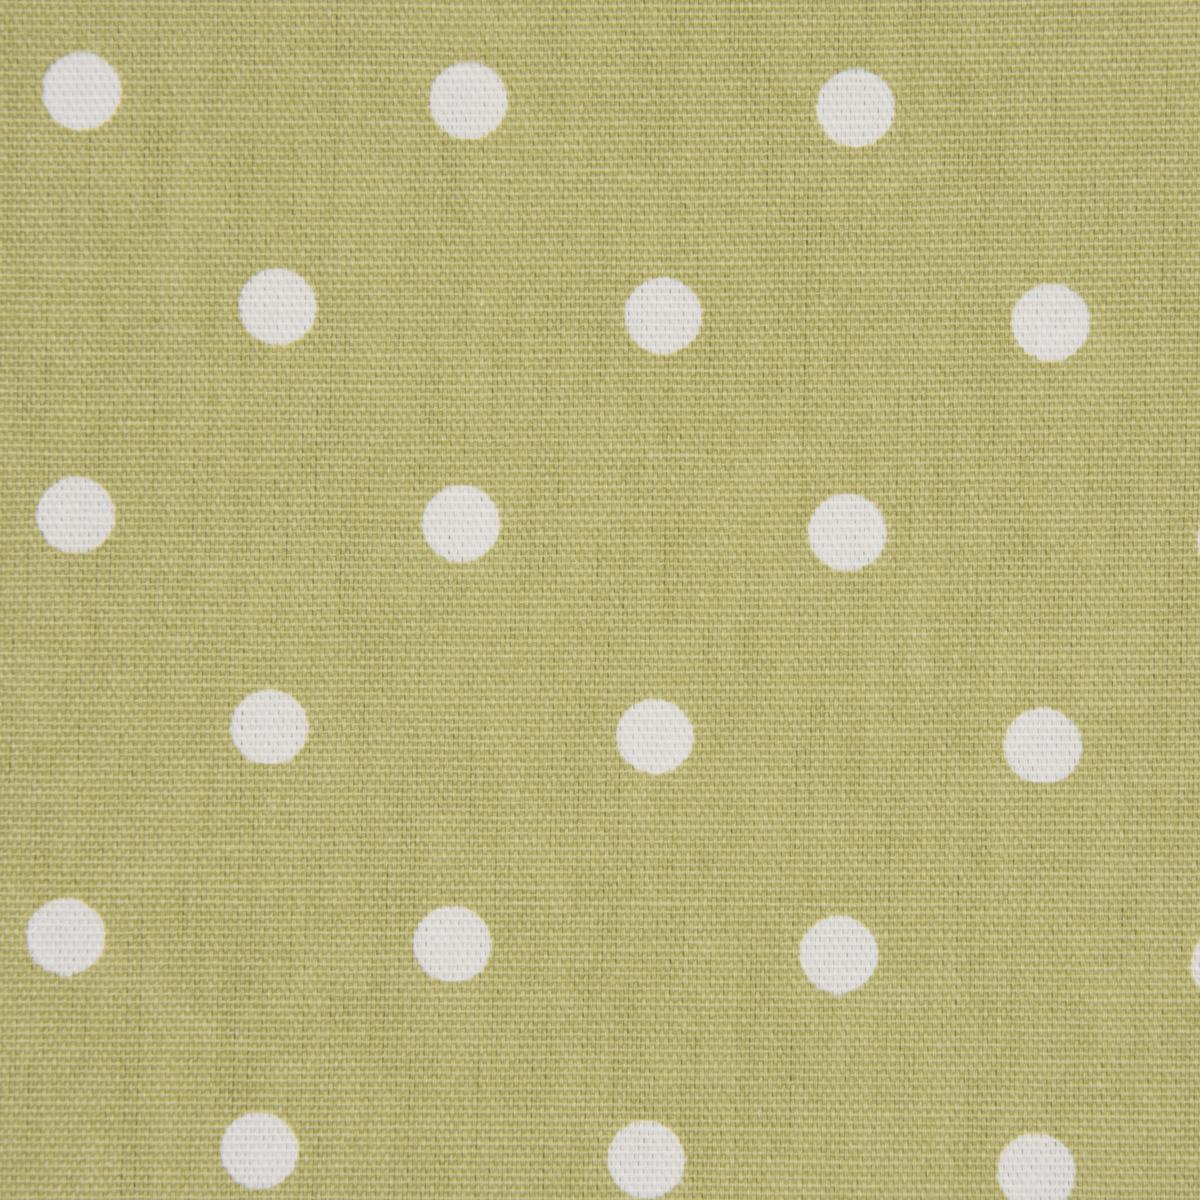 Gardinenstoff Dekostoff Baumwollstoff Full Stop oliv grün mit weißen Punkten 140cm Breite